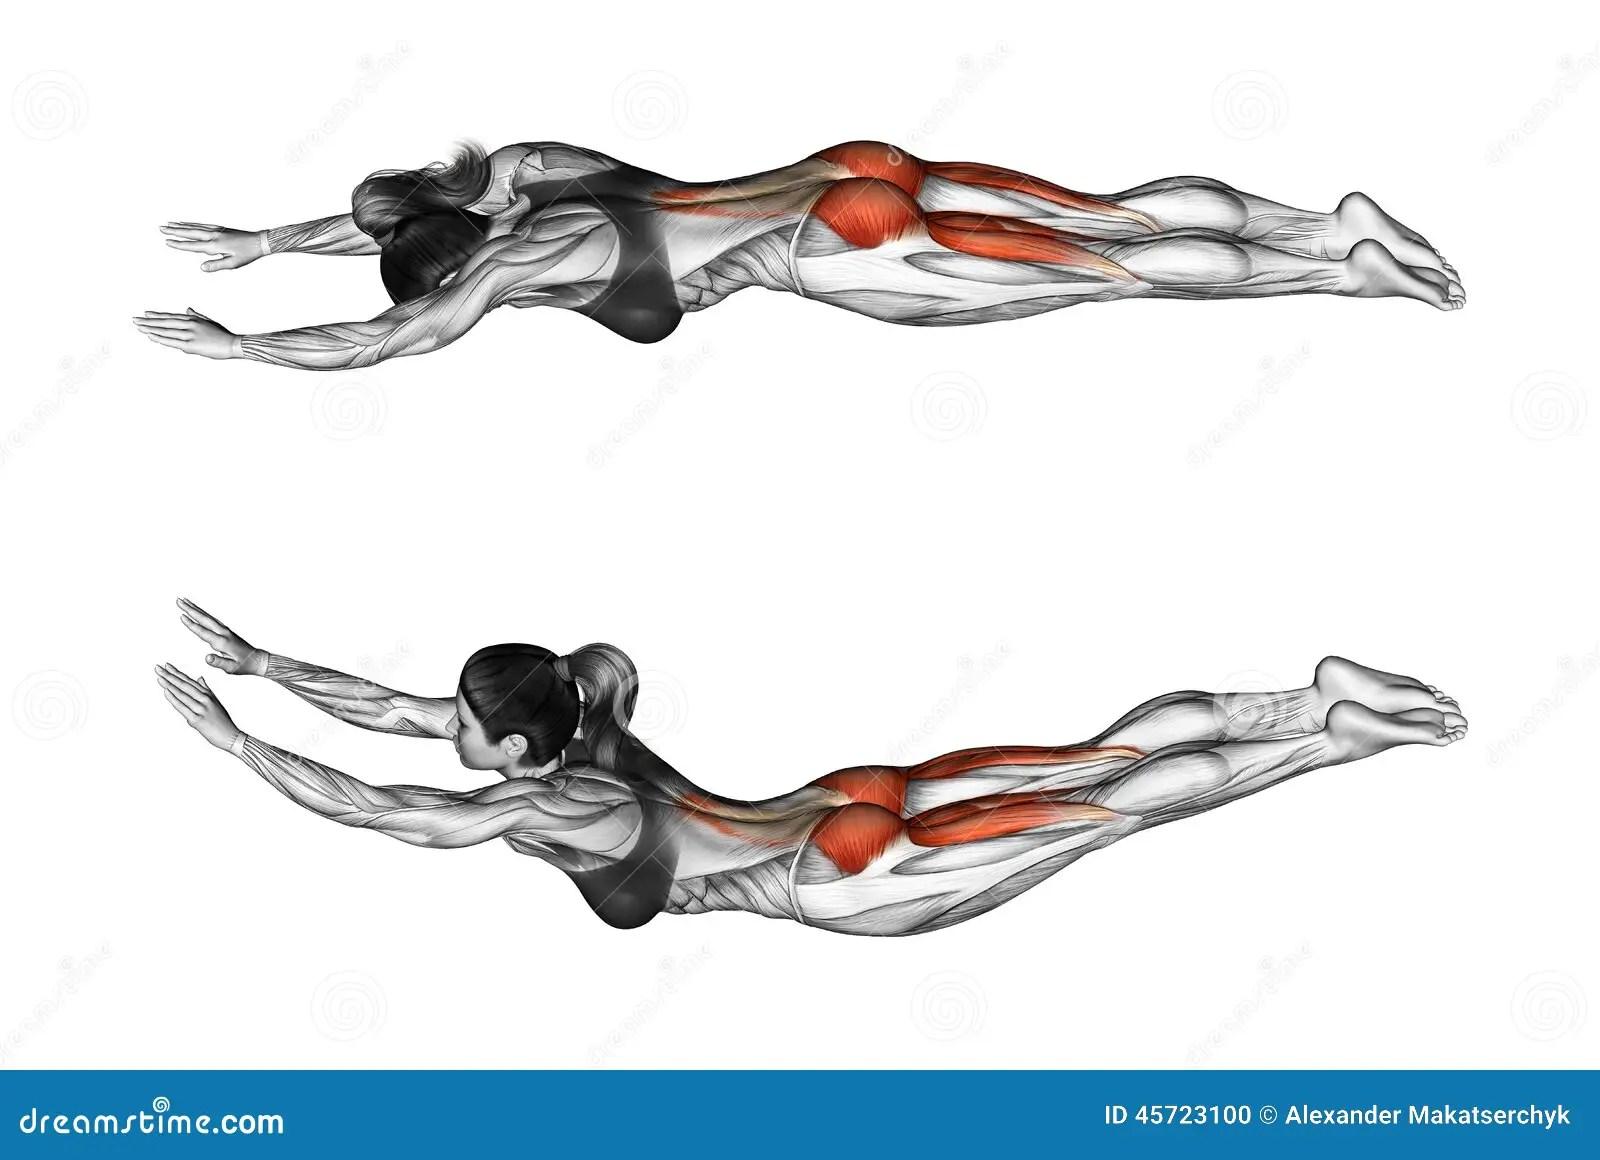 Esercitazione Di Forma Fisica L Esercizio Gradisce Il